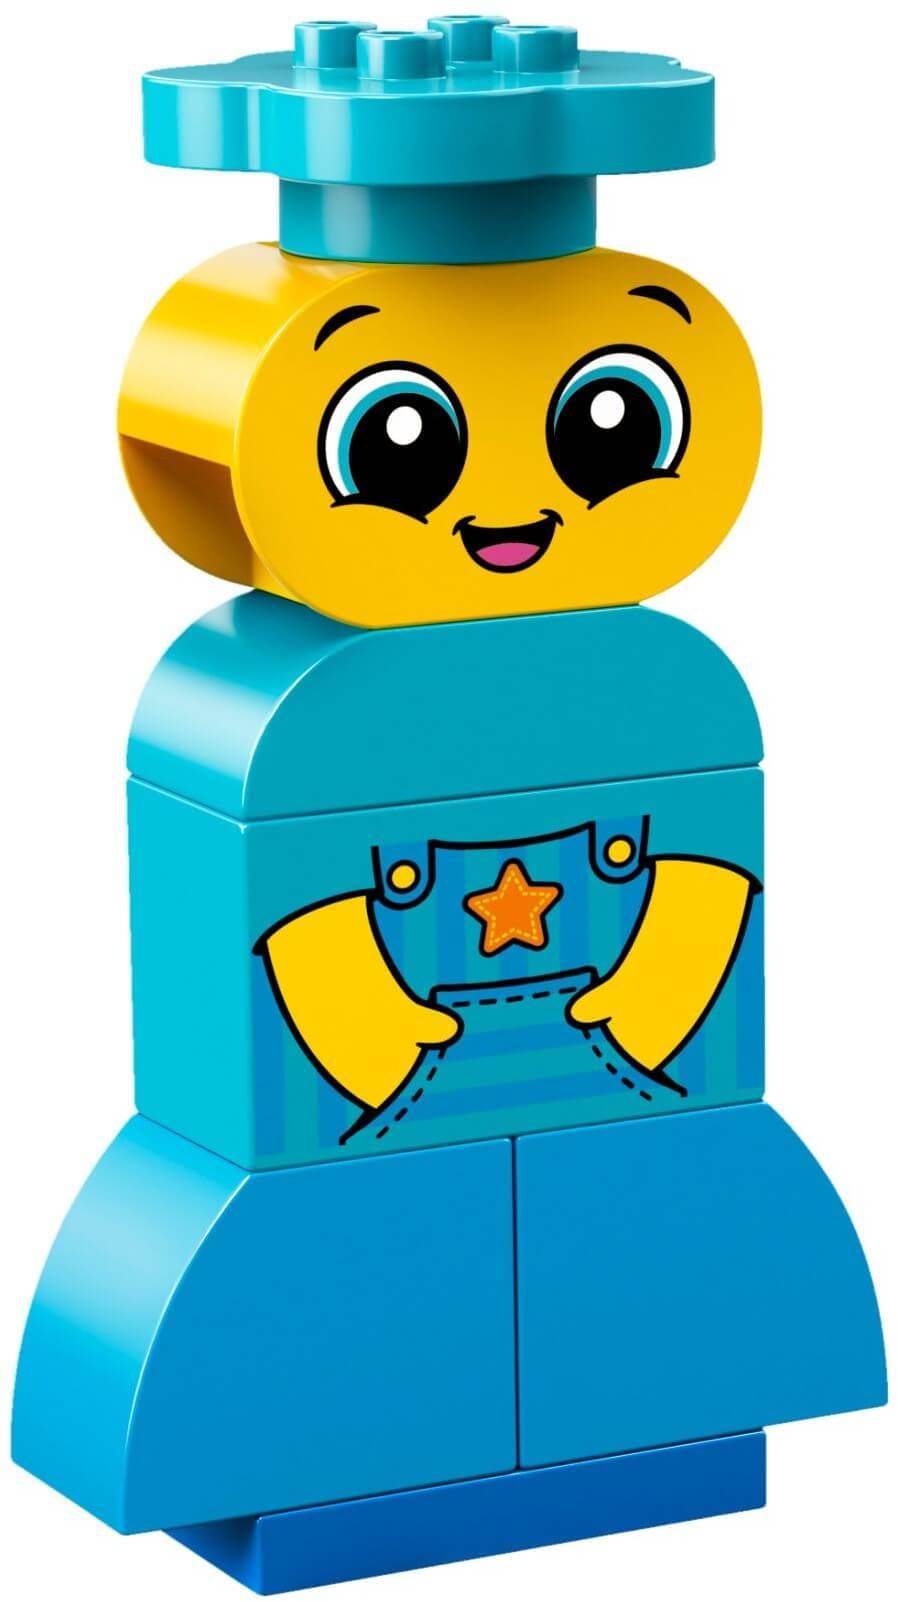 Mua đồ chơi LEGO 10861 - LEGO Duplo 10861 - Bộ Xếp hình Cảm xúc (LEGO Duplo 10861 My First Emotions)